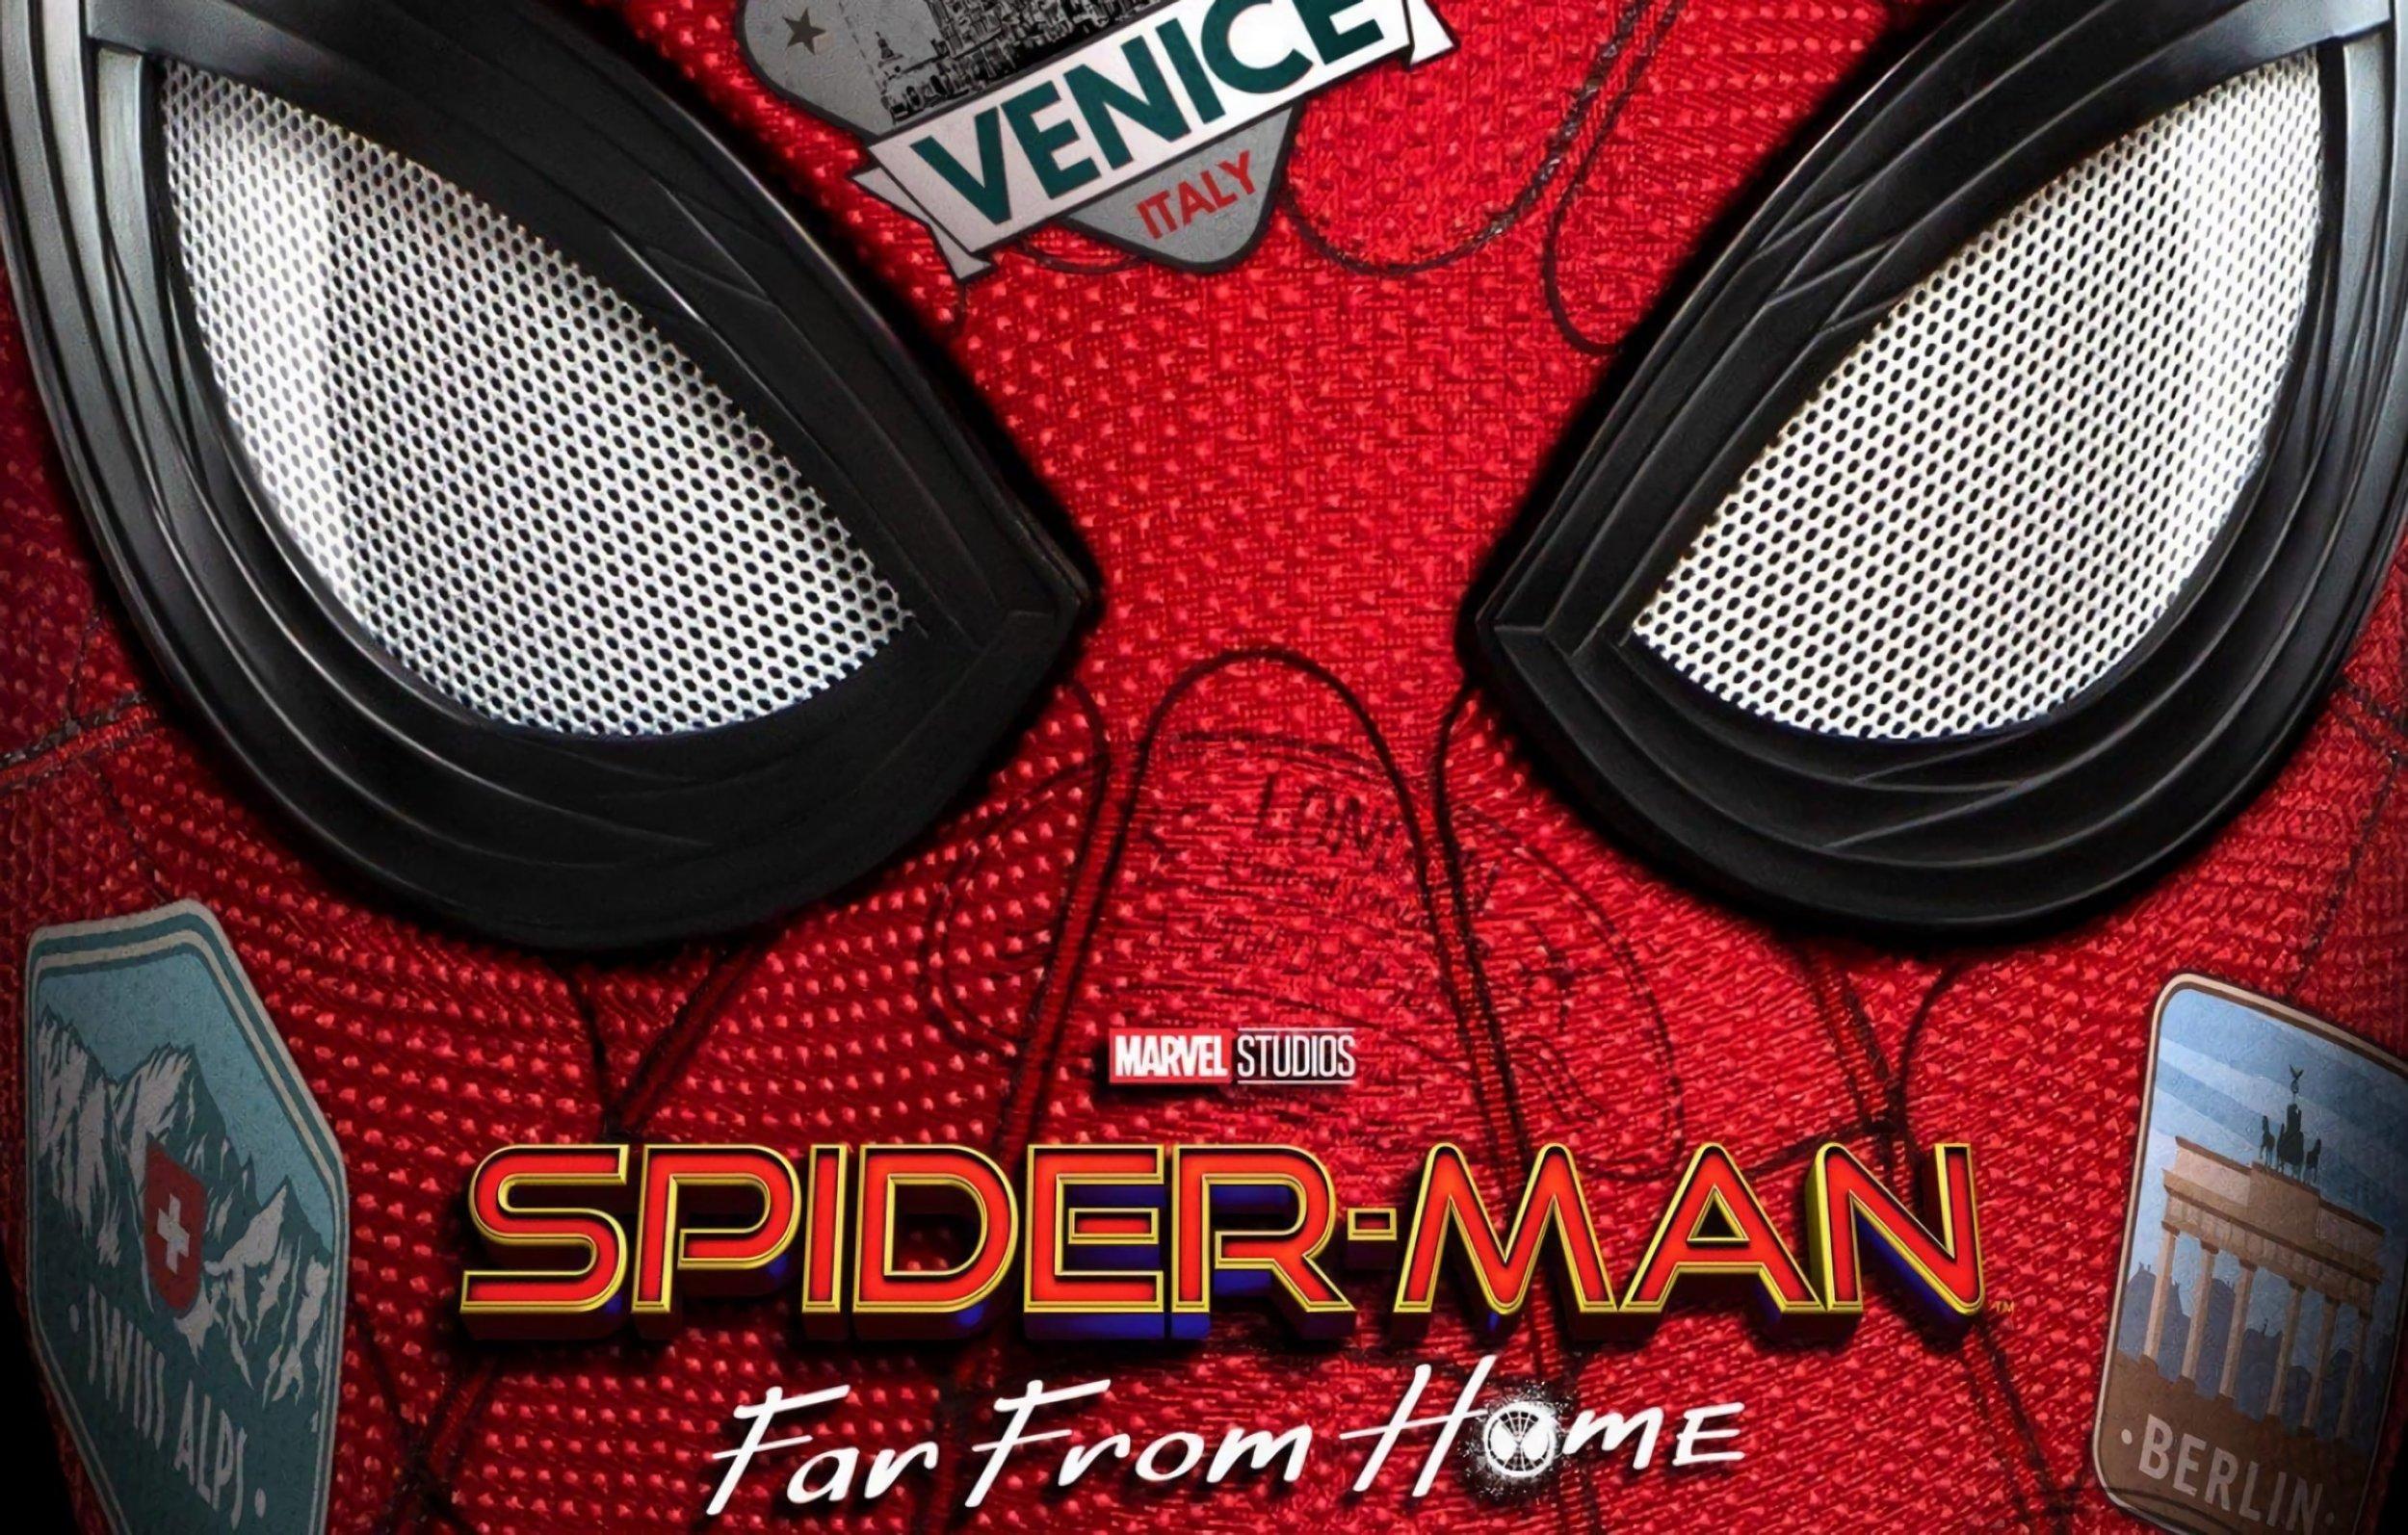 spiderman-far-home-poster.jpg